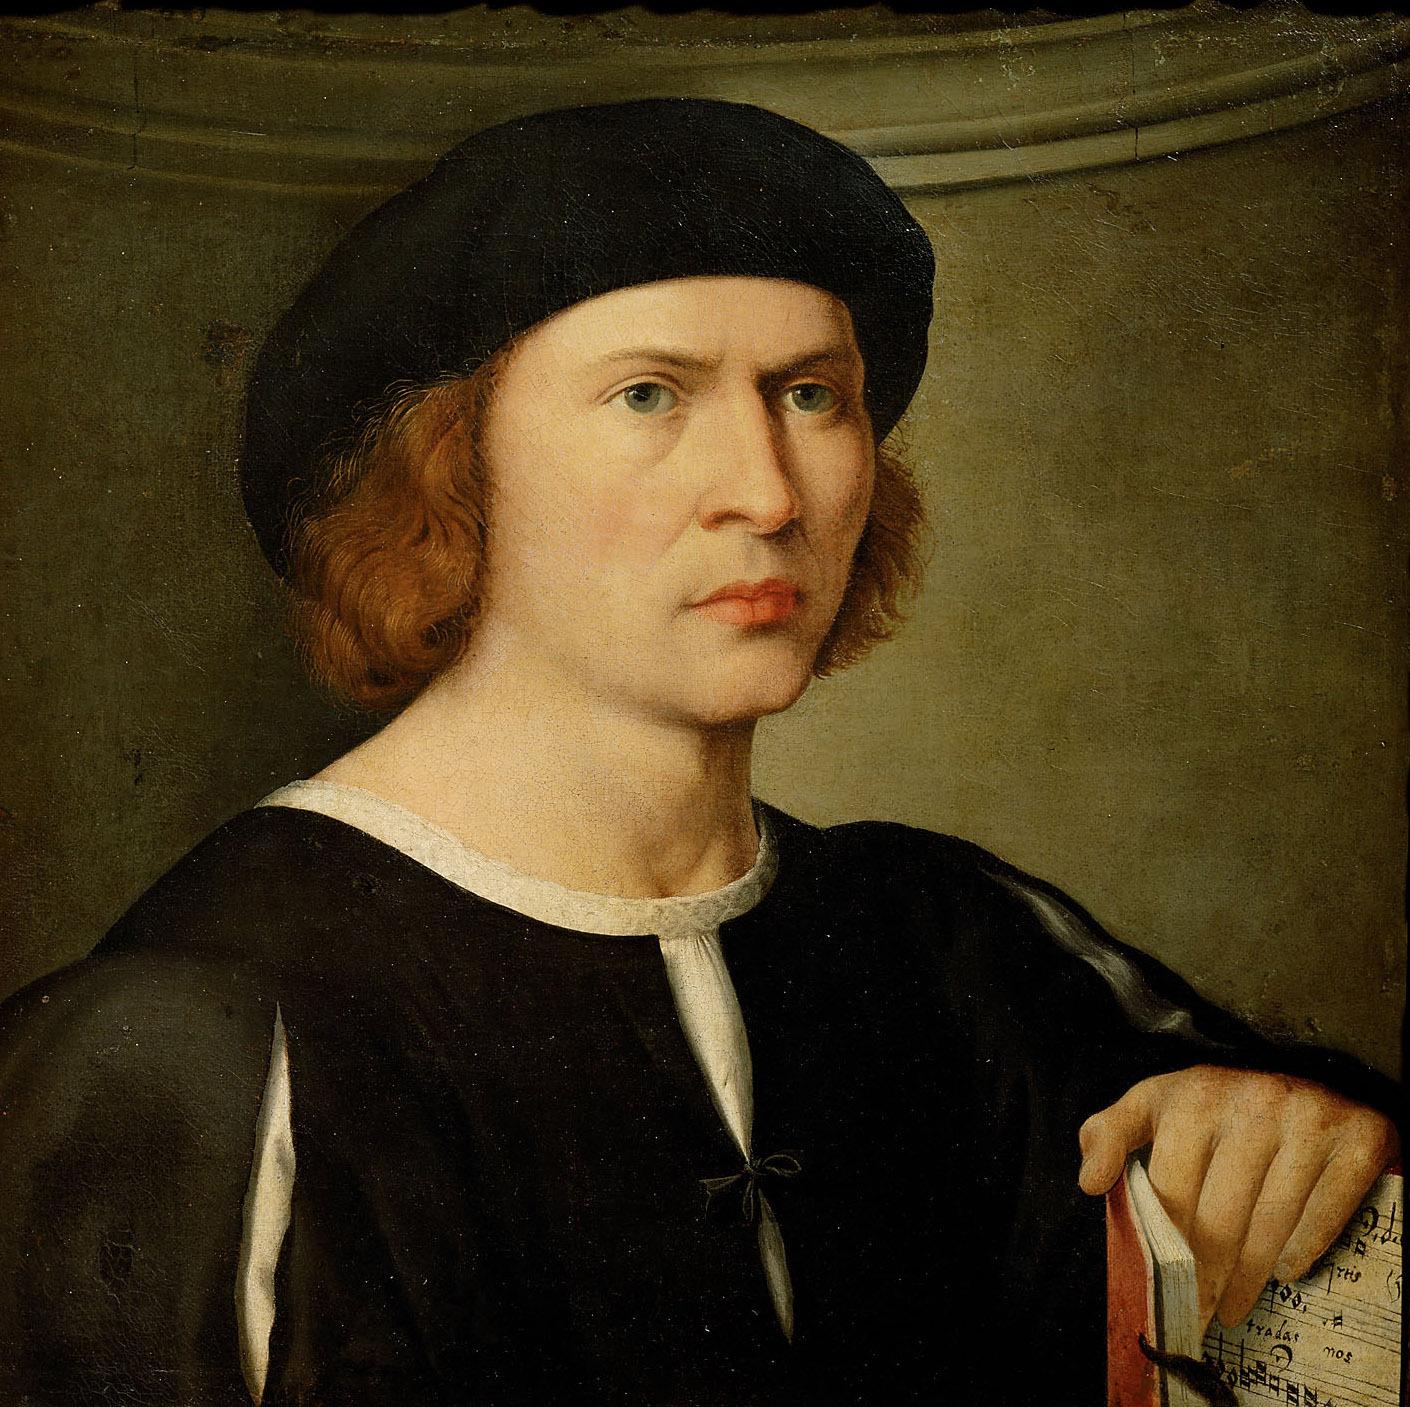 Bildnis eines Musikers von Giovanni Antonio de' Sacchi, gen. Pordenone